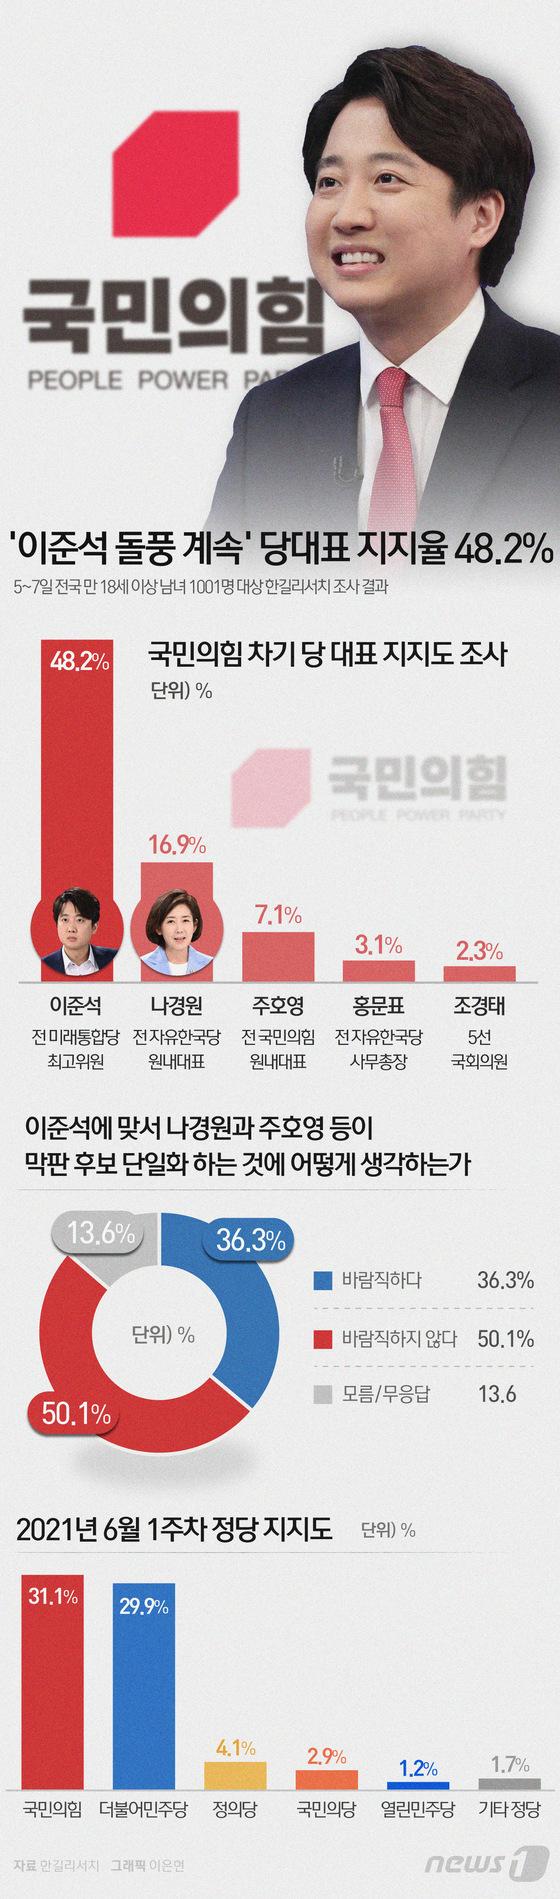 [그래픽뉴스] \'이준석 돌풍 계속\' 당대표 지지율 48.2%